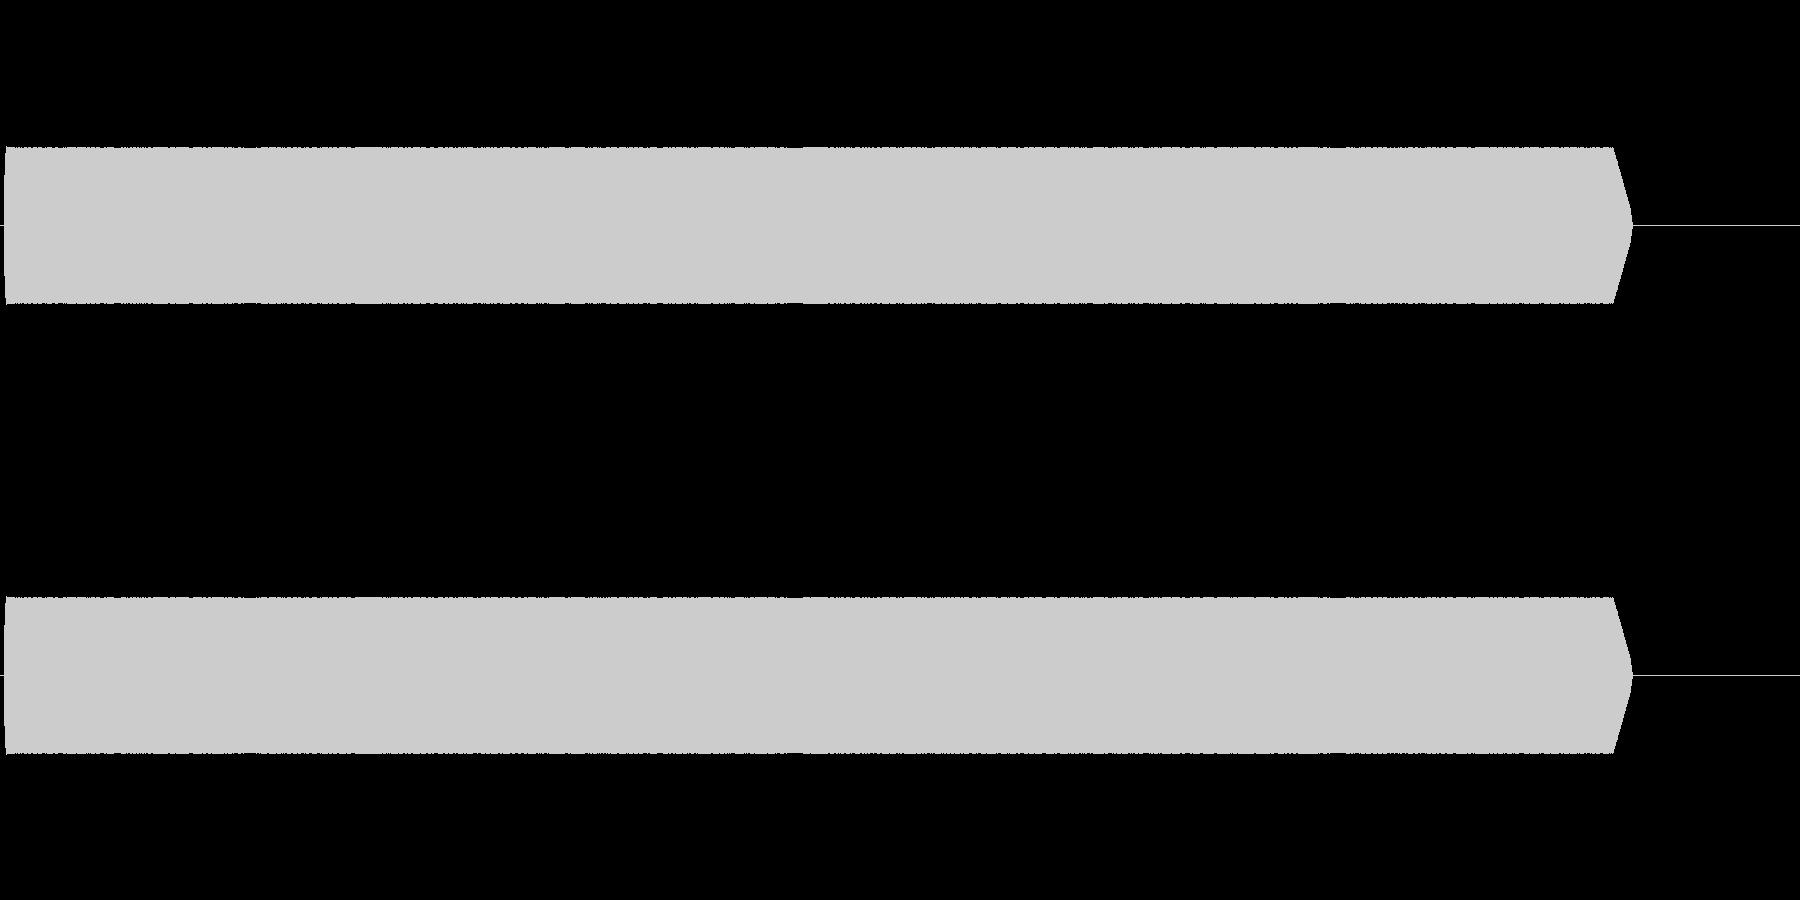 ピーッ(ロックオン)あるいは電話電子音の未再生の波形